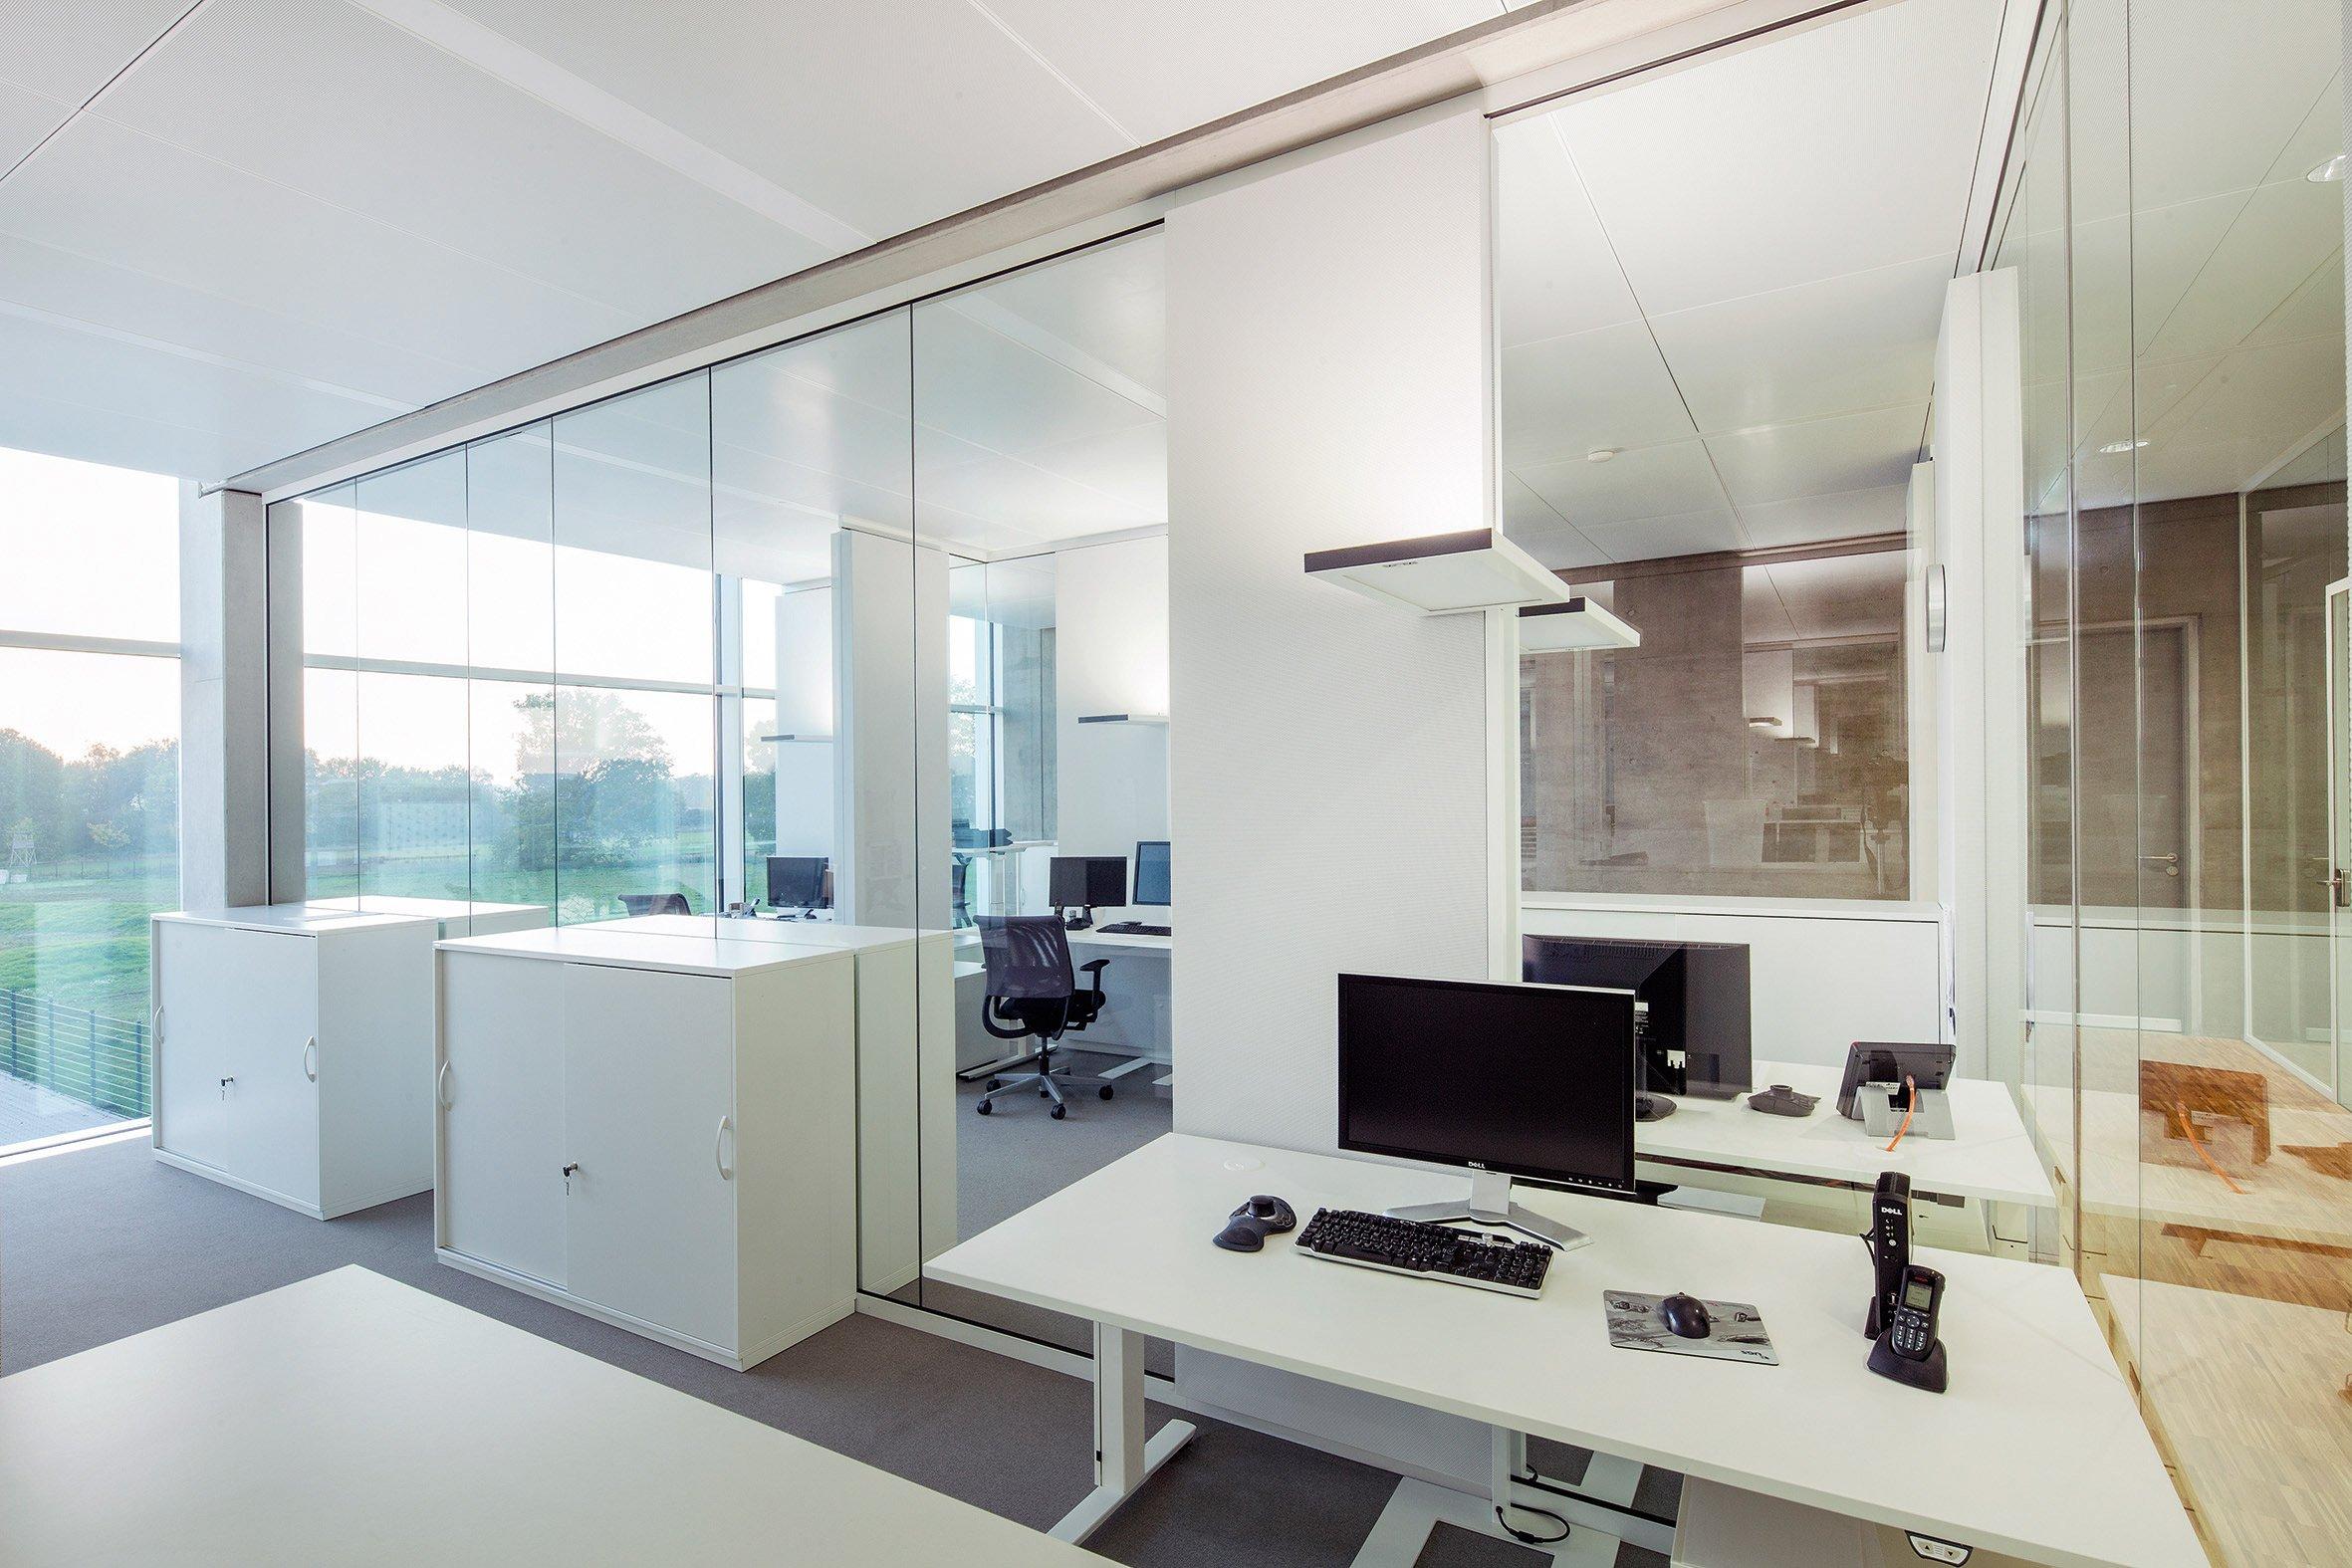 Waldmann   Herstellerinformation. Architektur und Licht aus einer Hand